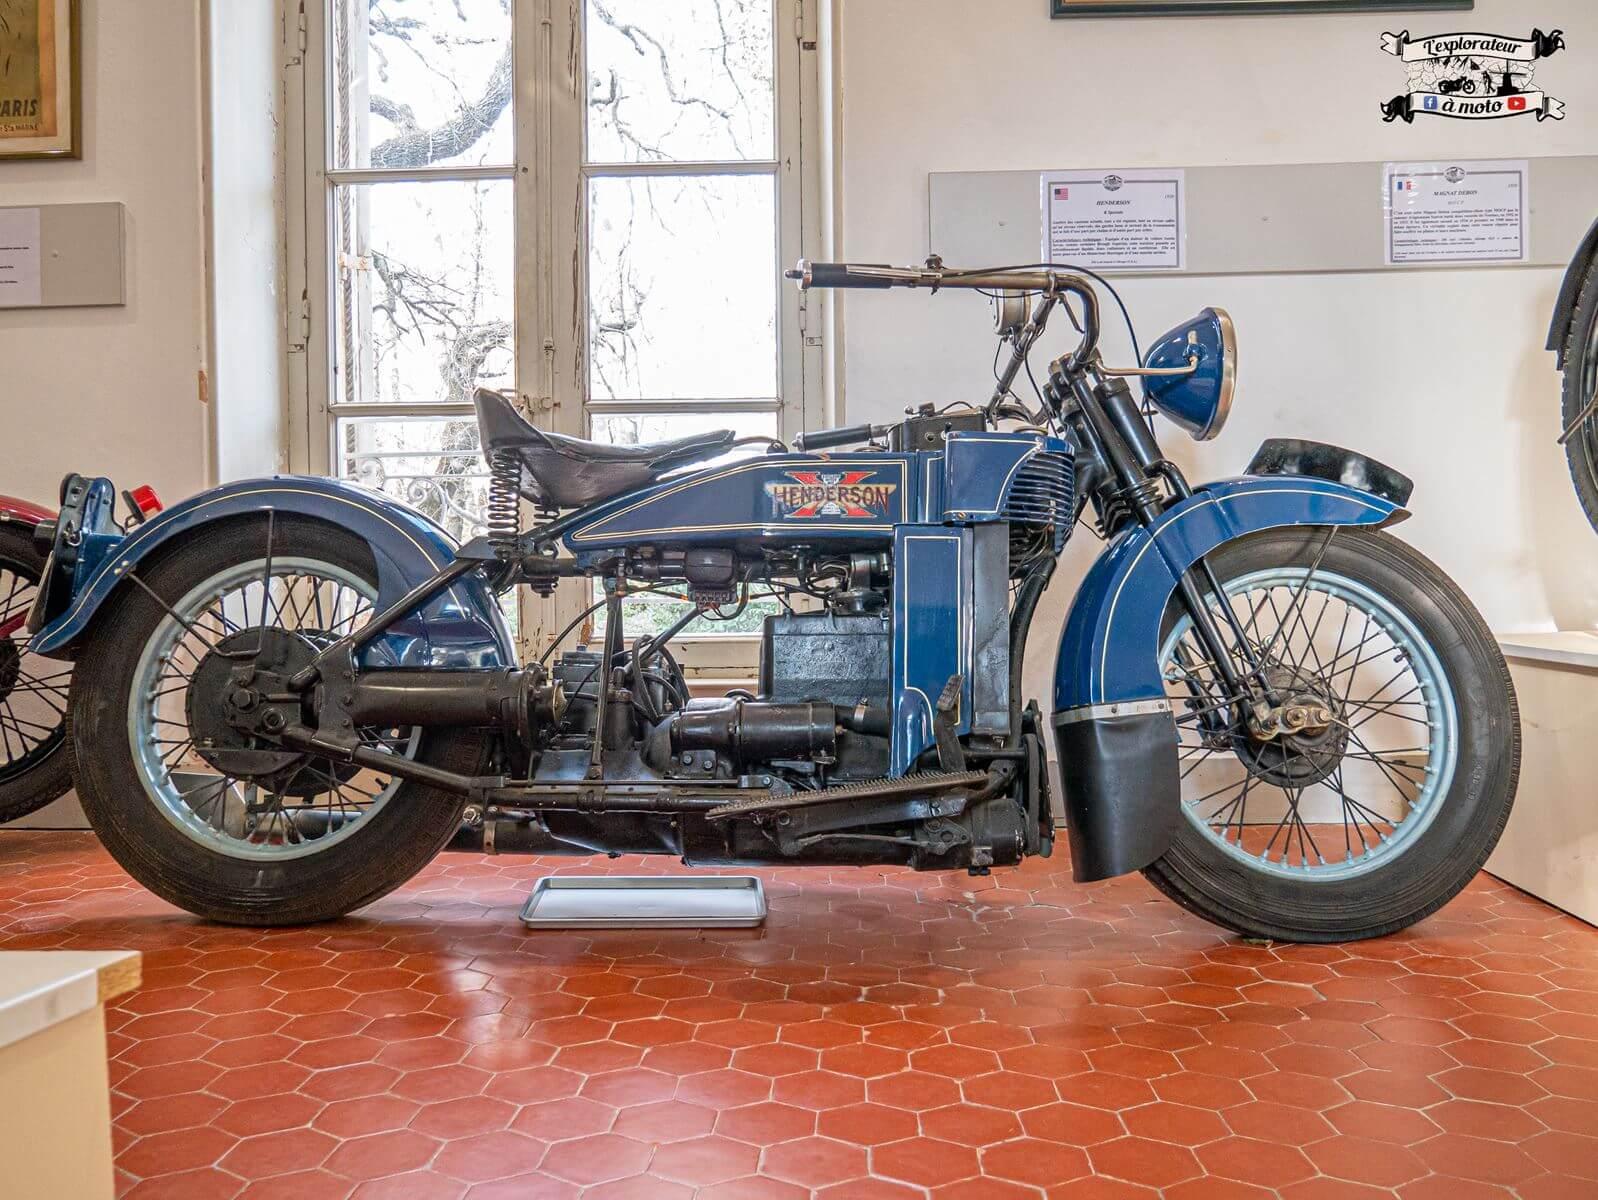 Henderson K Spéciale 1930, Château de Bosc 01 - lexplorateuramoto.com